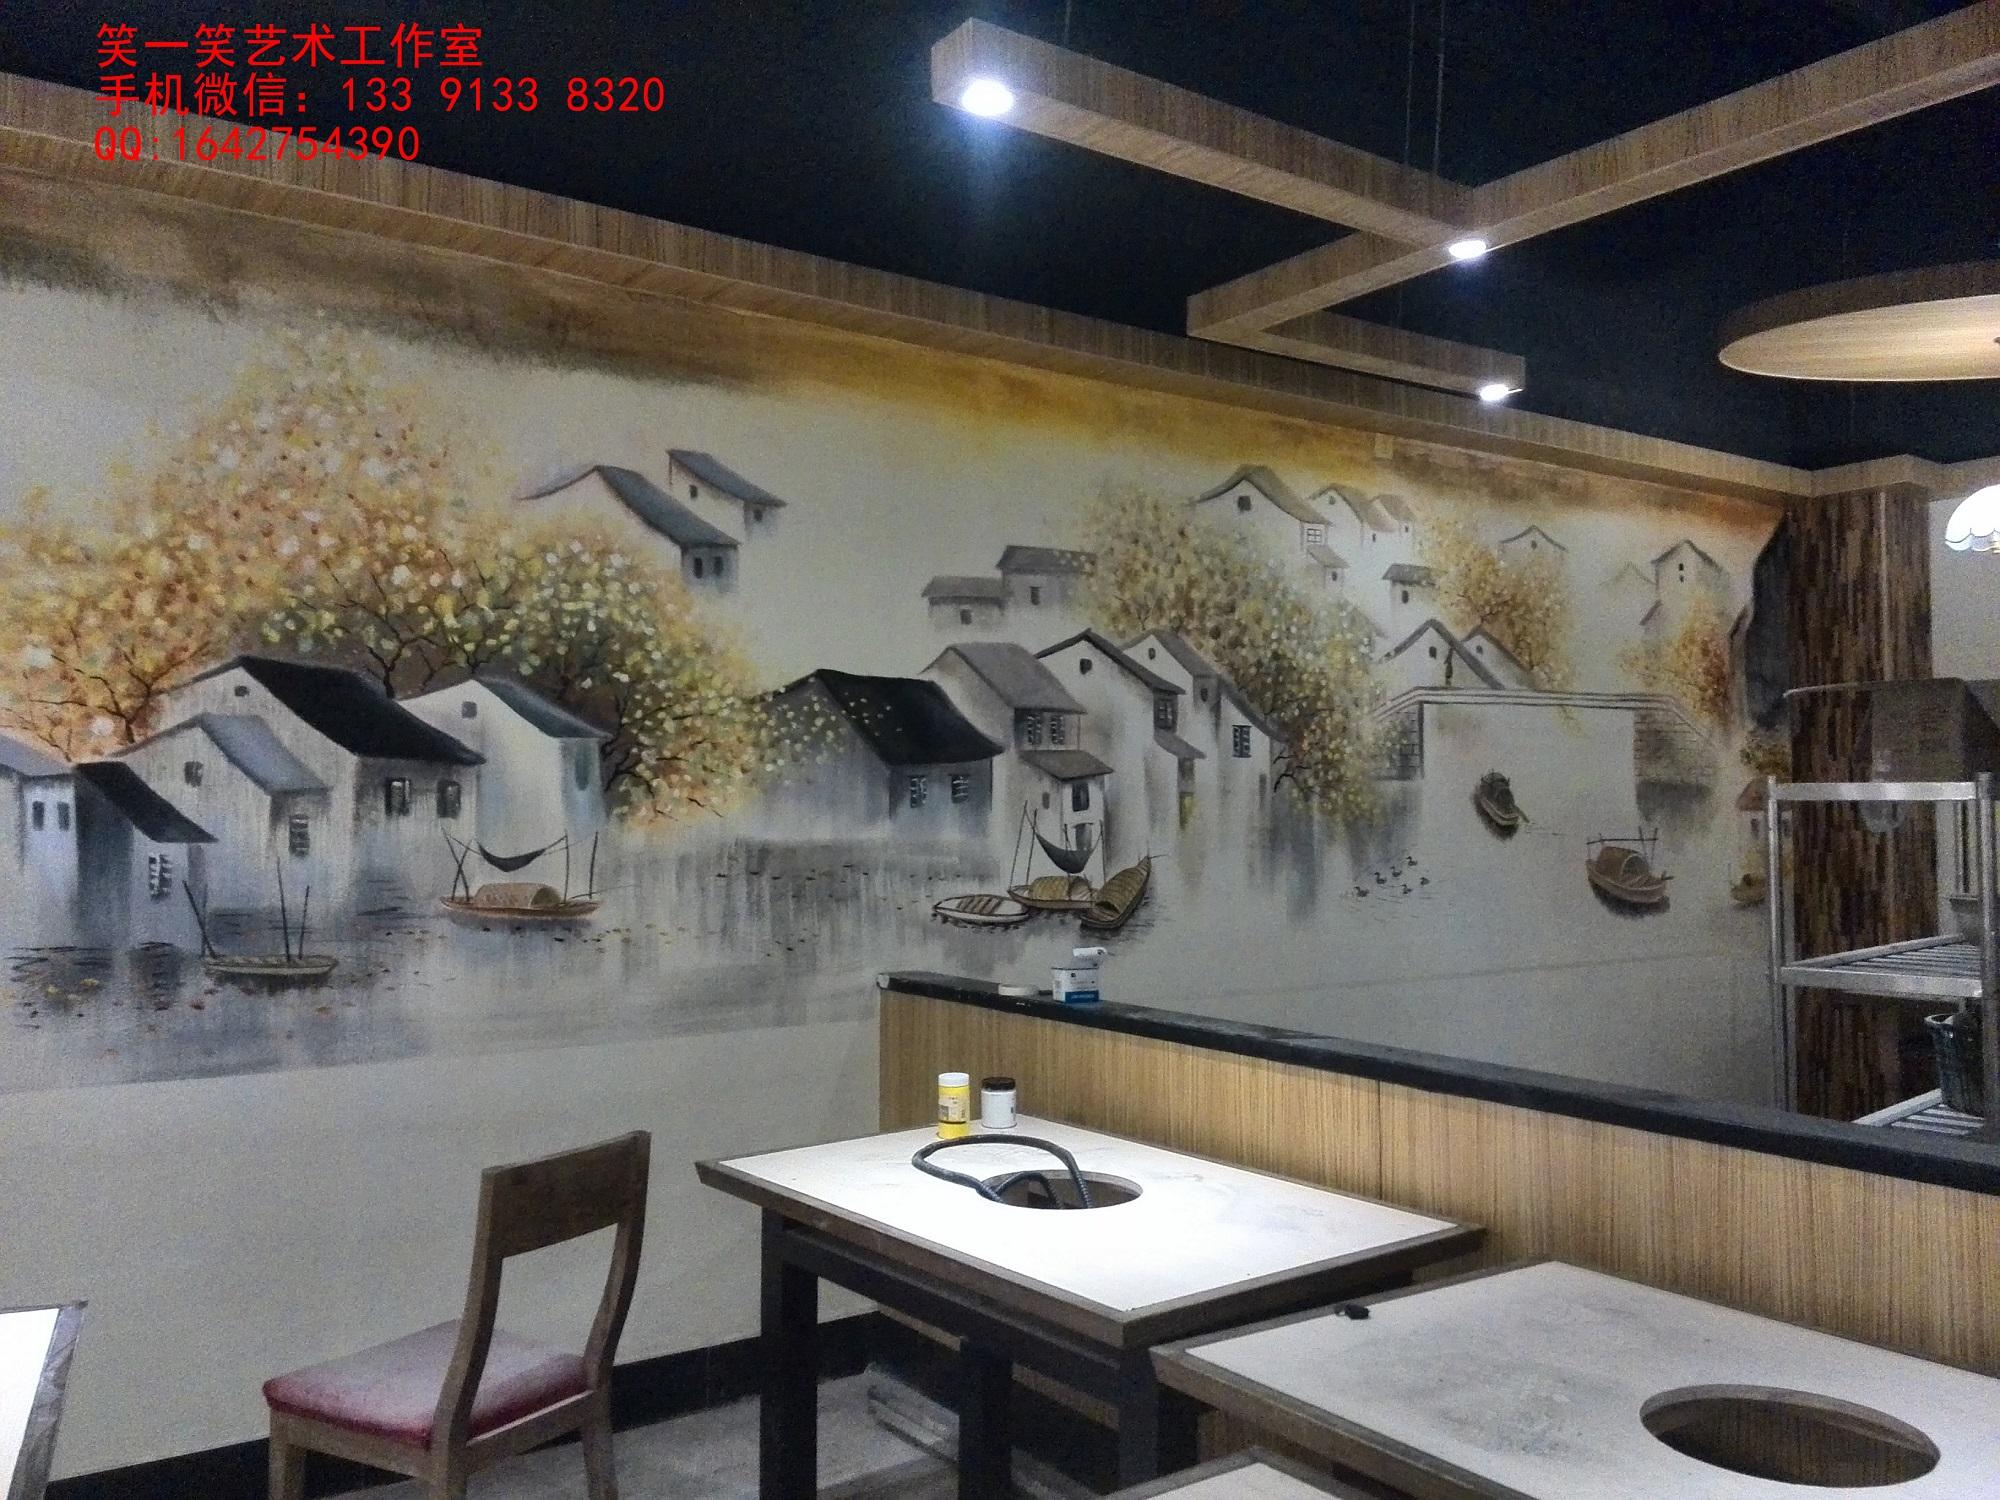 3d墙绘手绘壁画涂鸦上海餐厅办公室幼儿园工装